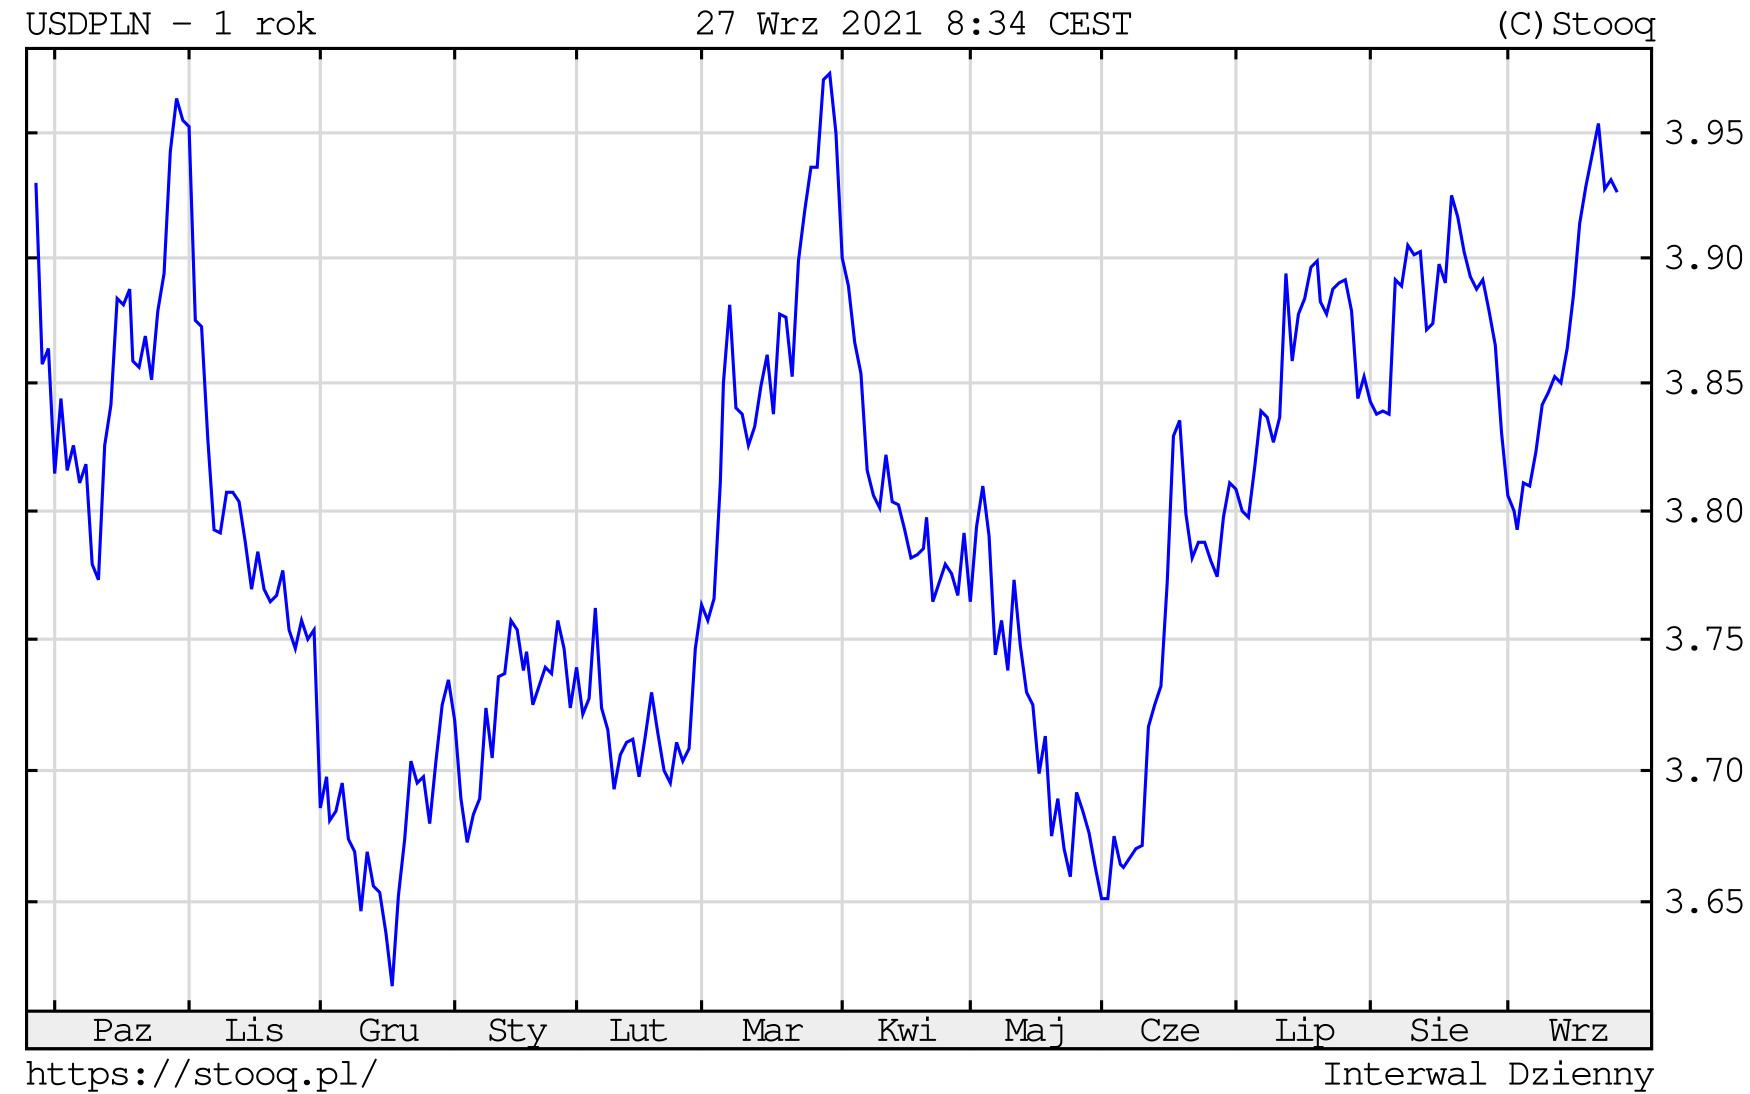 Kurs dolara w poniedziałek, 27 września 2021 roku. Notowania USD/PLN na wykresie dziennym